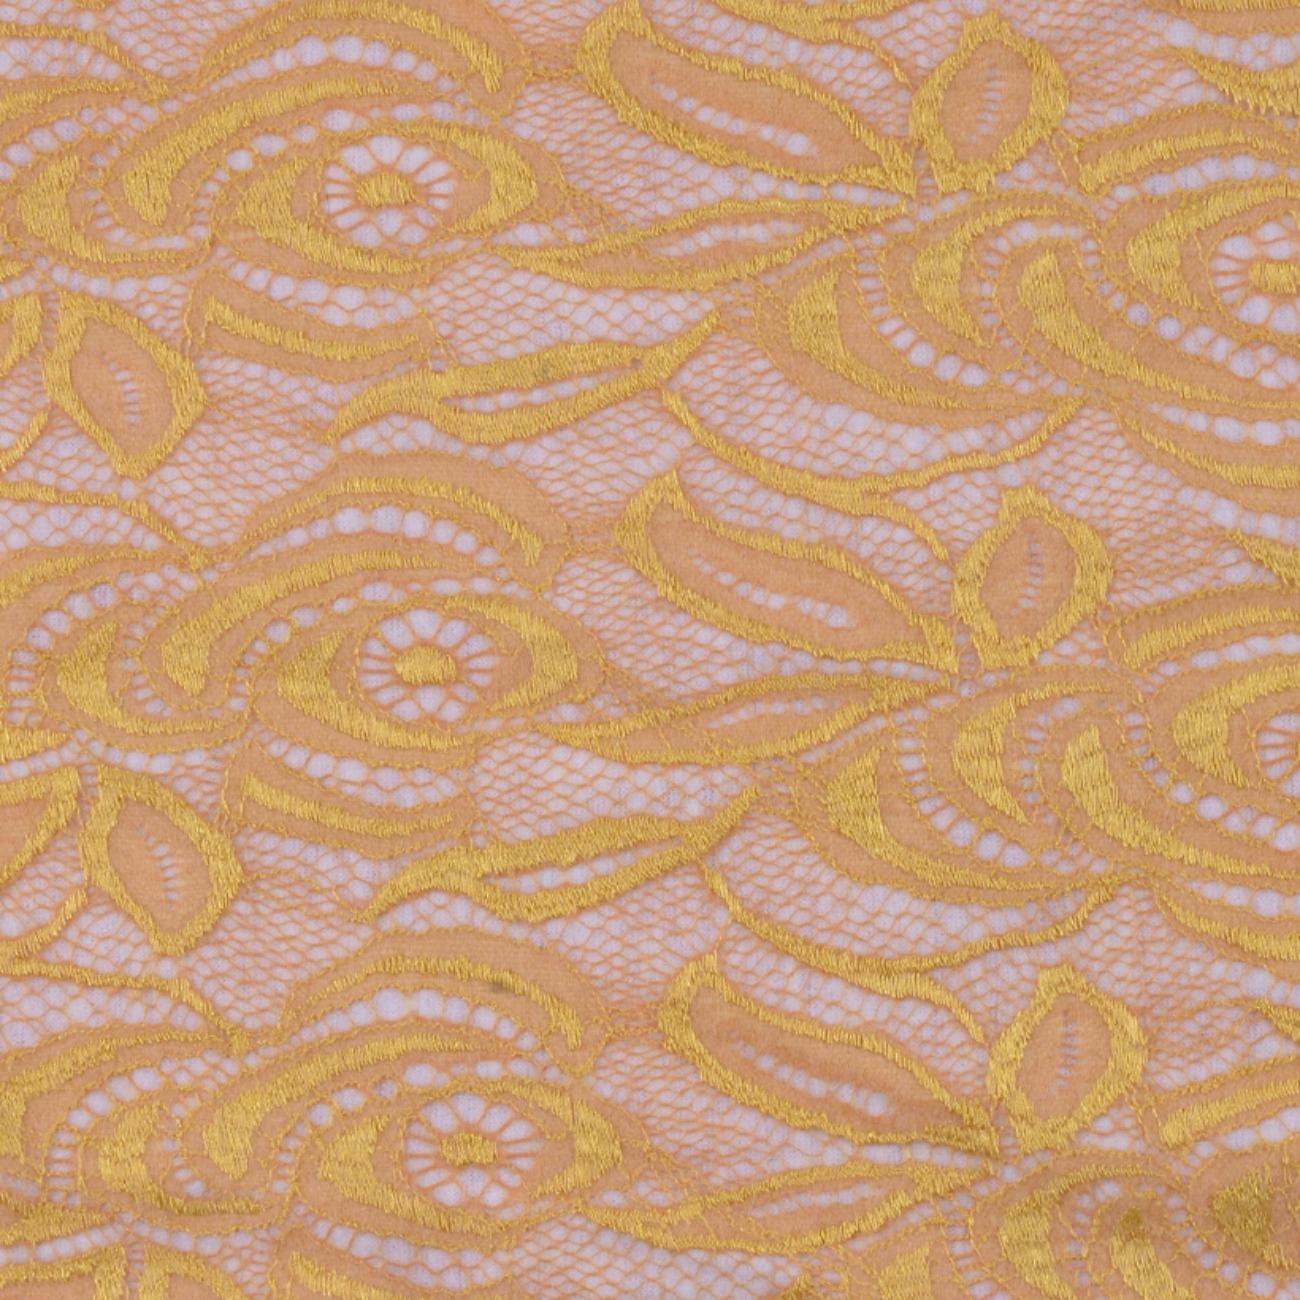 期货  蕾丝 针织 低弹 染色 连衣裙 短裙 套装 女装 春秋 61212-143